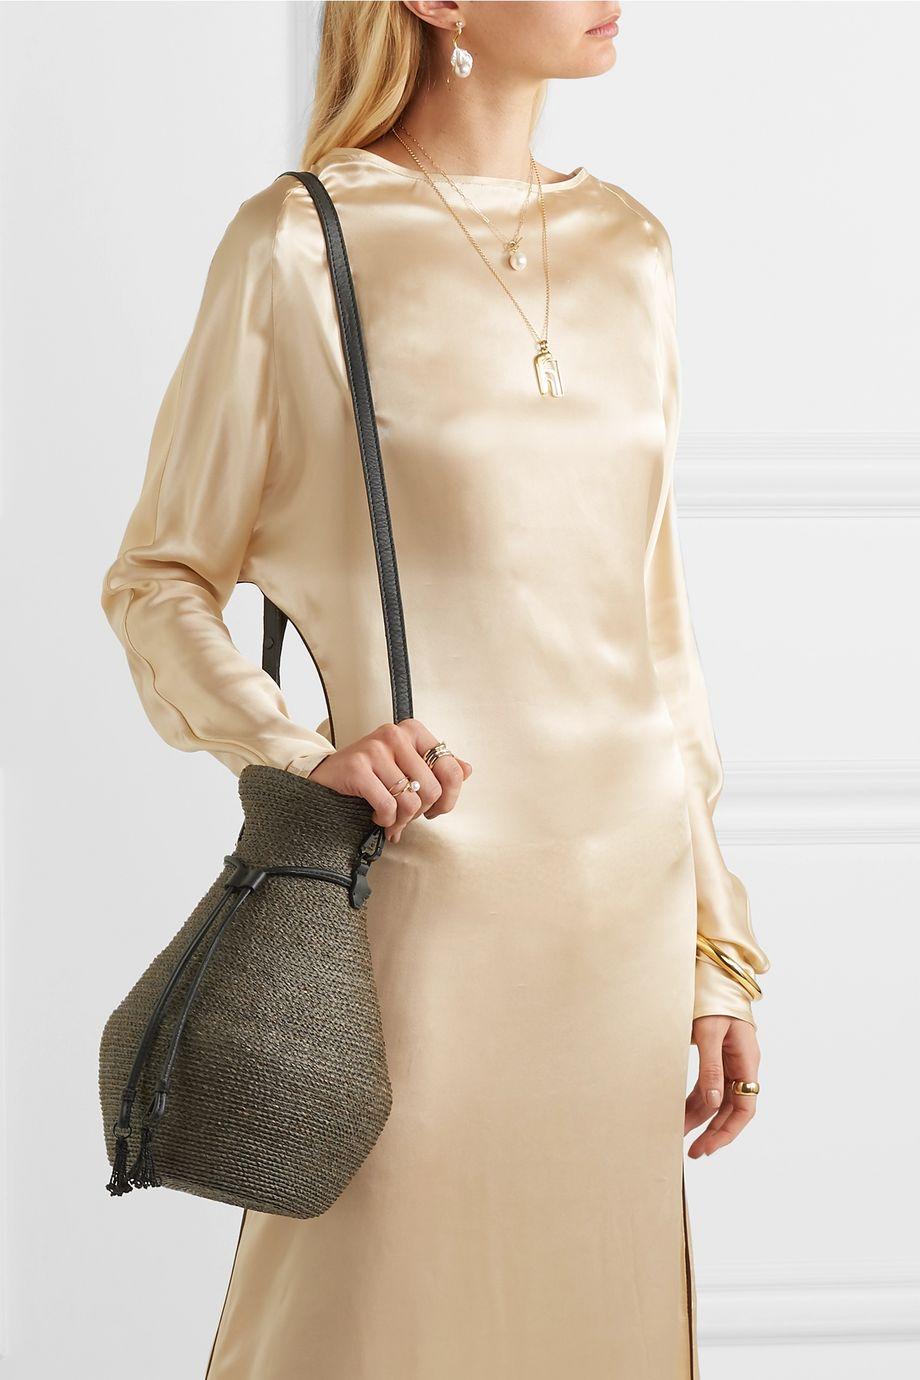 Albus Lumen + Helen Kaminski Figura leather-trimmed raffia shoulder bag